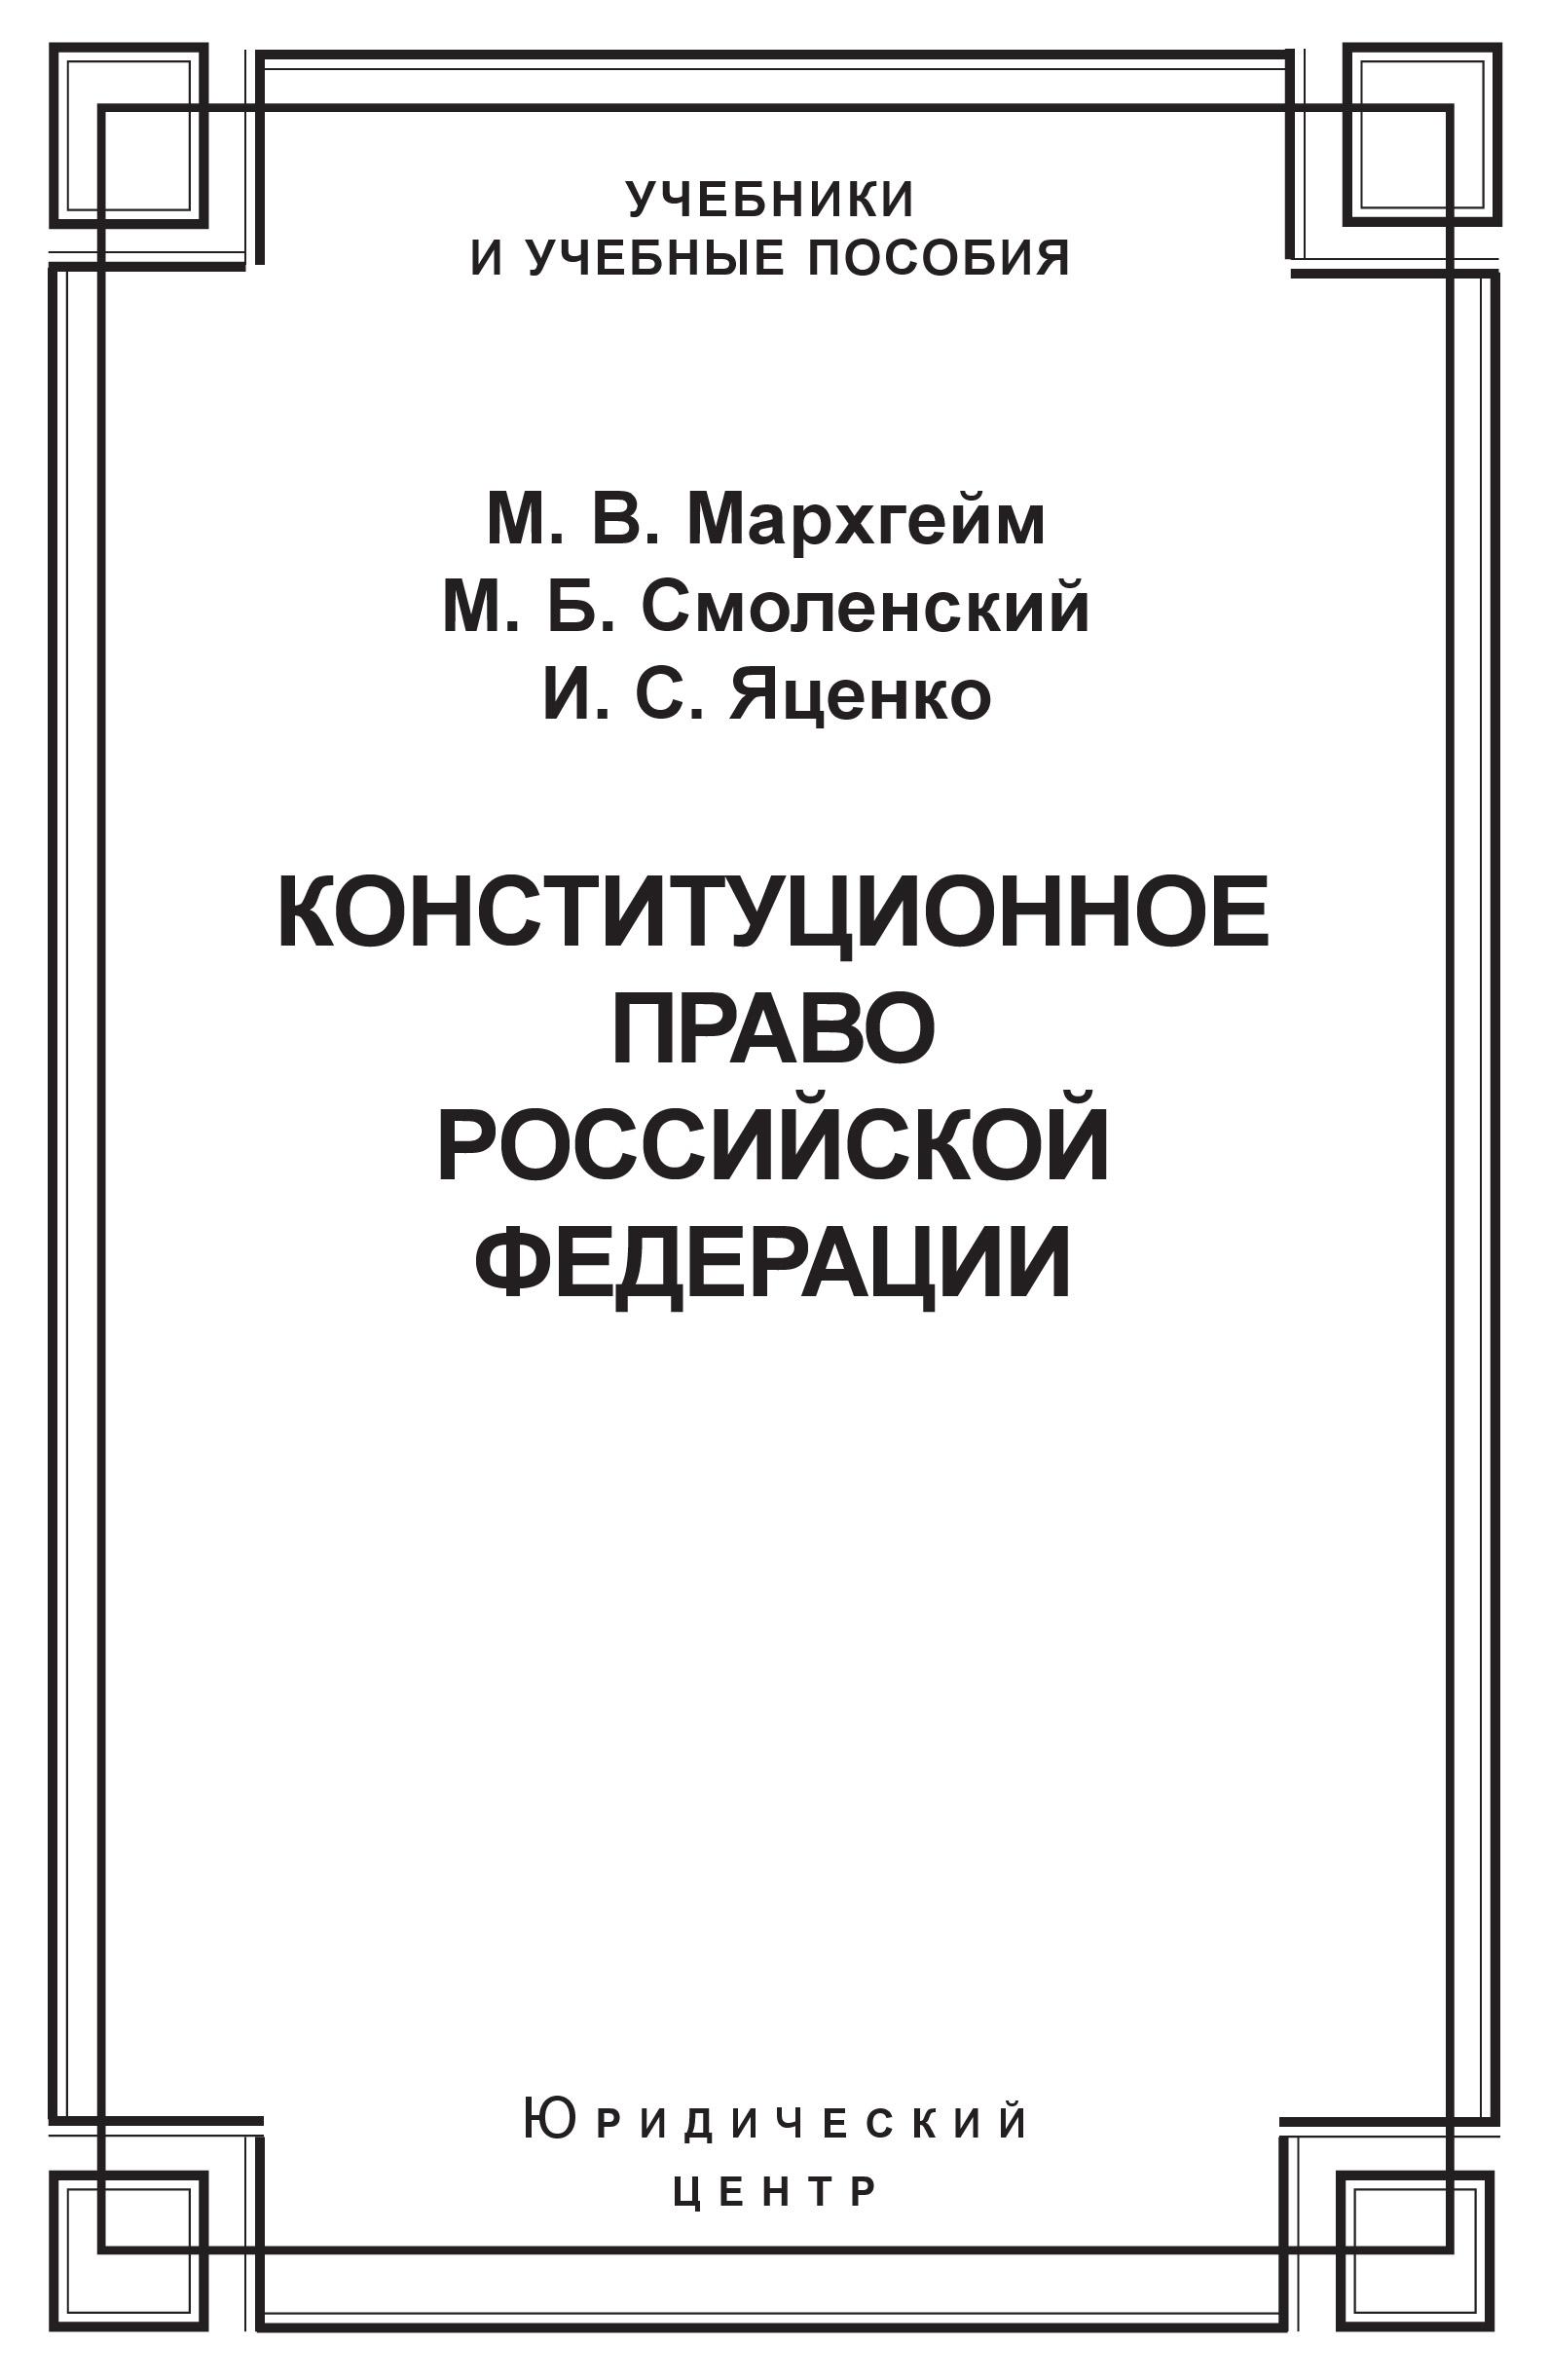 М. Б. Смоленский Конституционное право Российской Федерации эбзеев б ред конституционное право российской федерации учебник